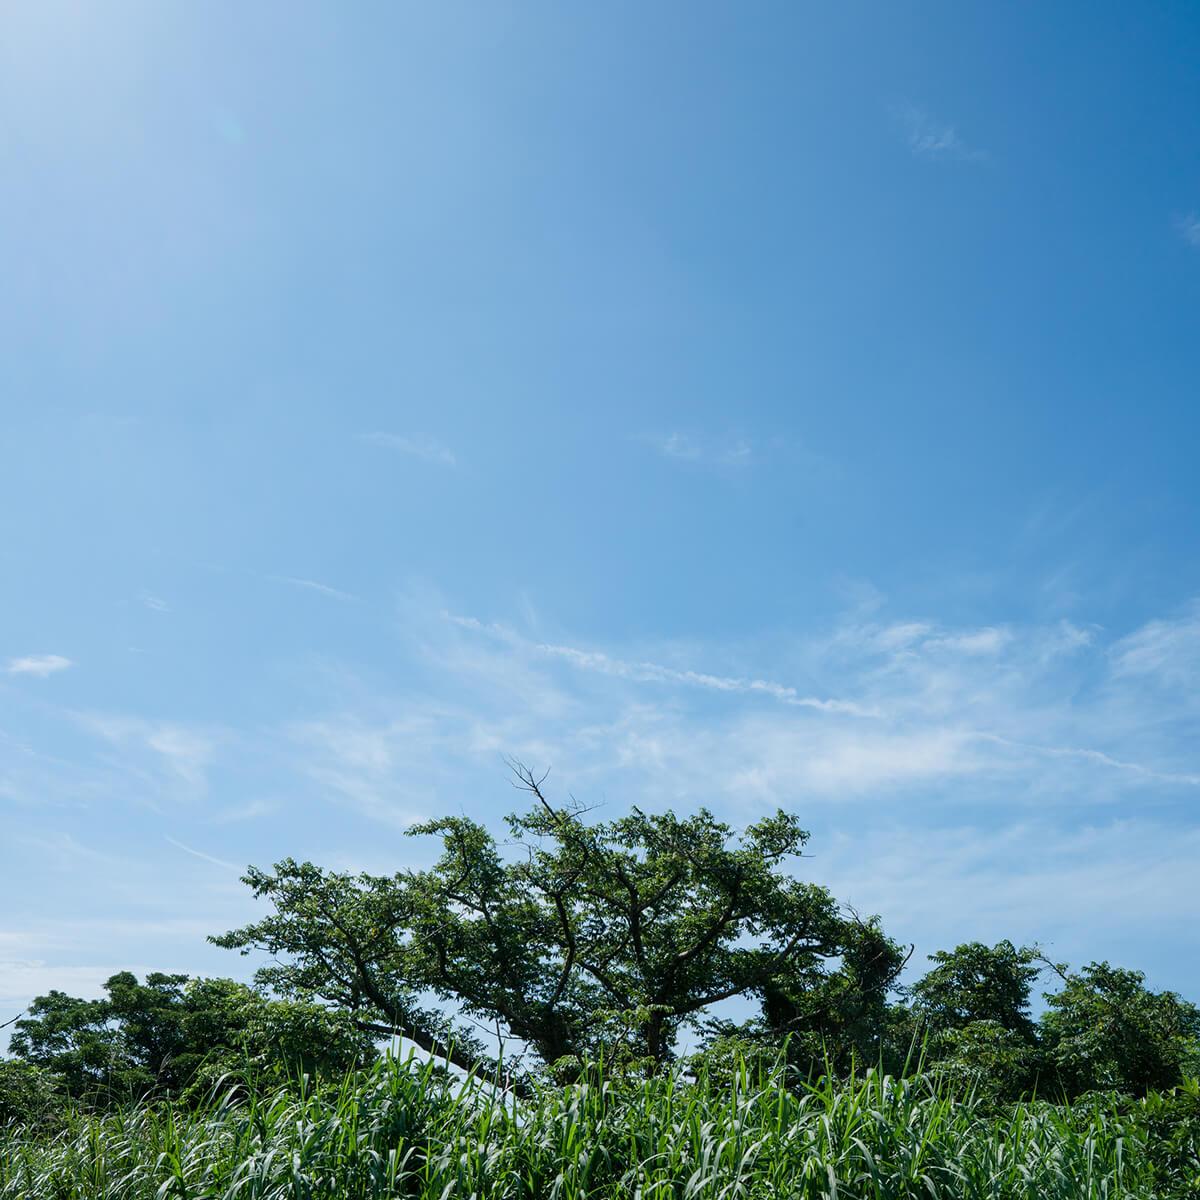 屋久島の夏空 屋久島日々の暮らしとジュエリー オーダーメイドマリッジリングのモチーフ 屋久島でつくる結婚指輪